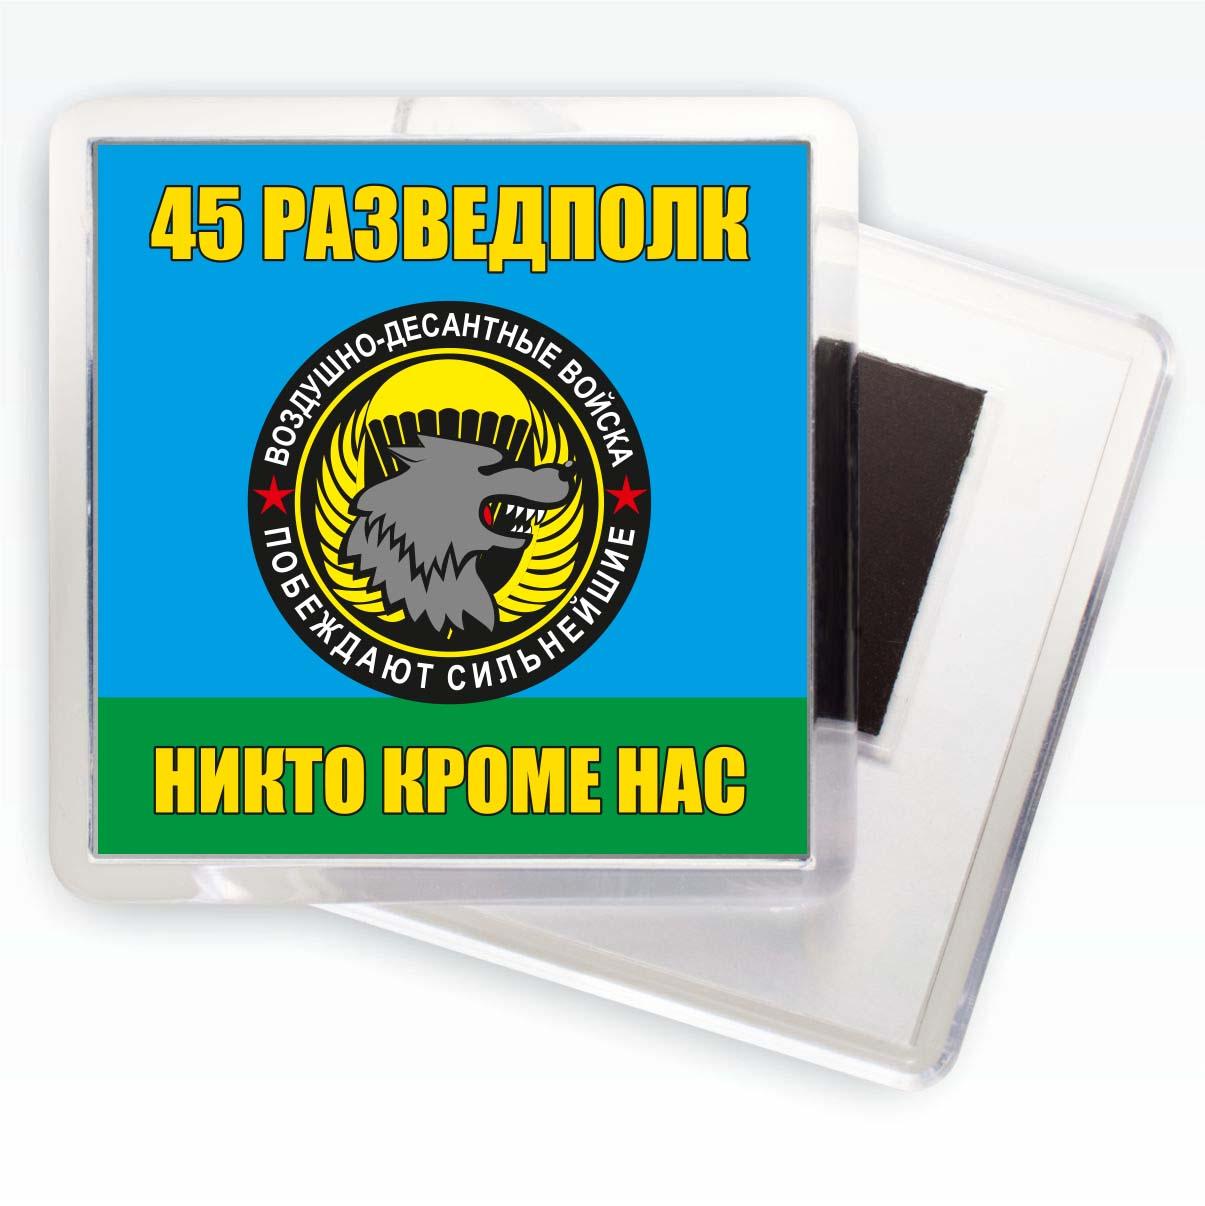 Магнитик «45 Разведполк ВДВ»